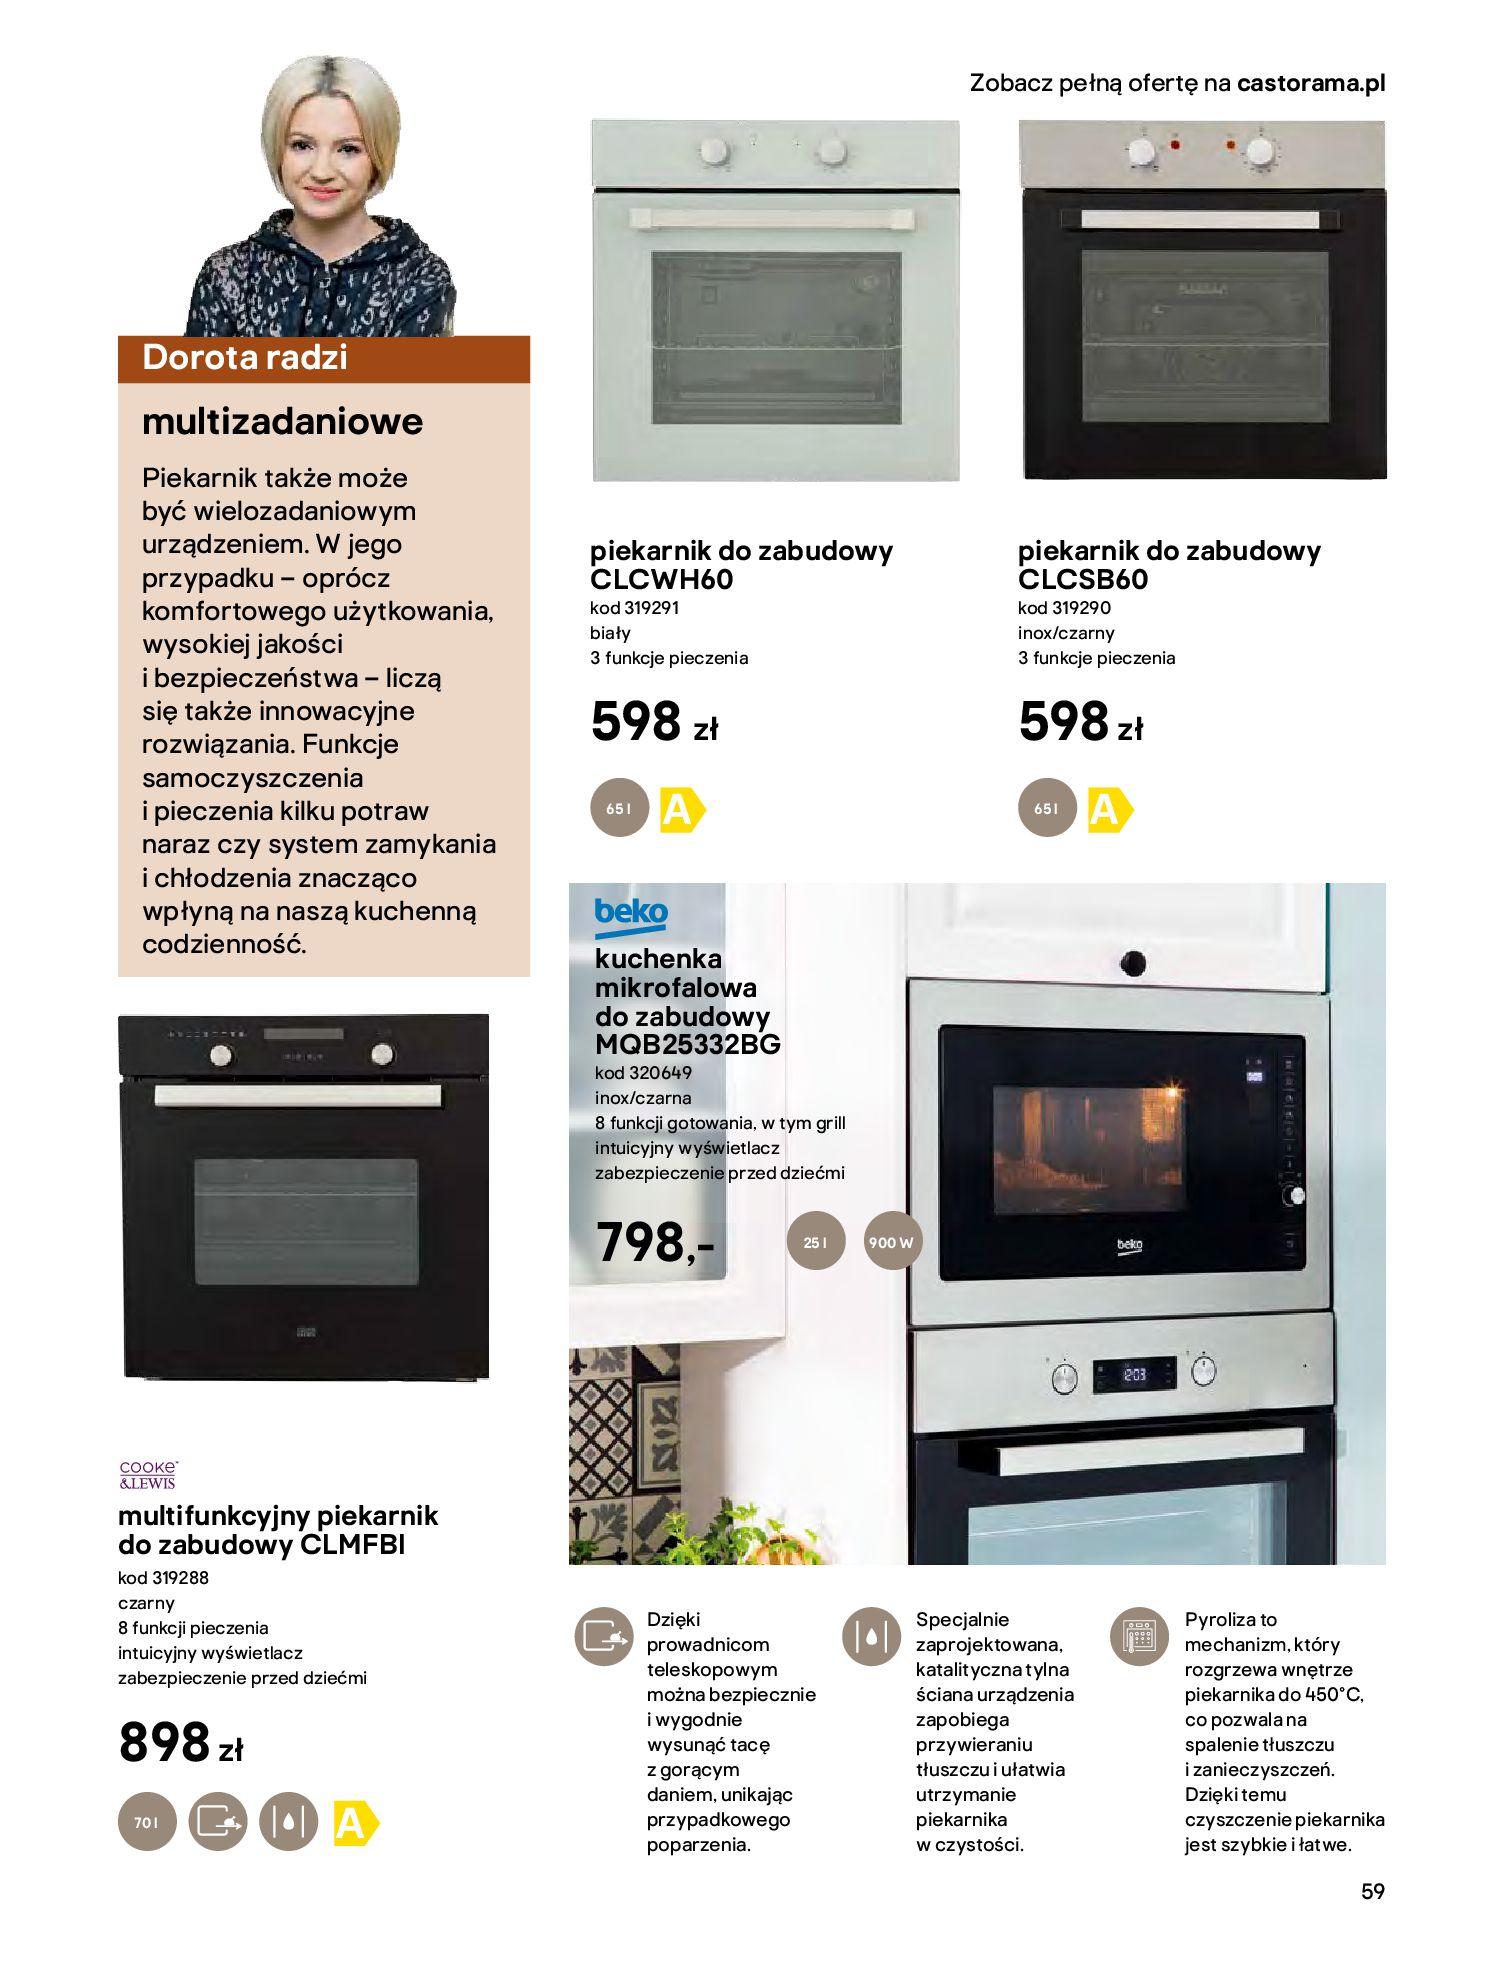 Gazetka Castorama - Katalog Kuchnie 2020-14.04.2020-31.12.2020-page-59